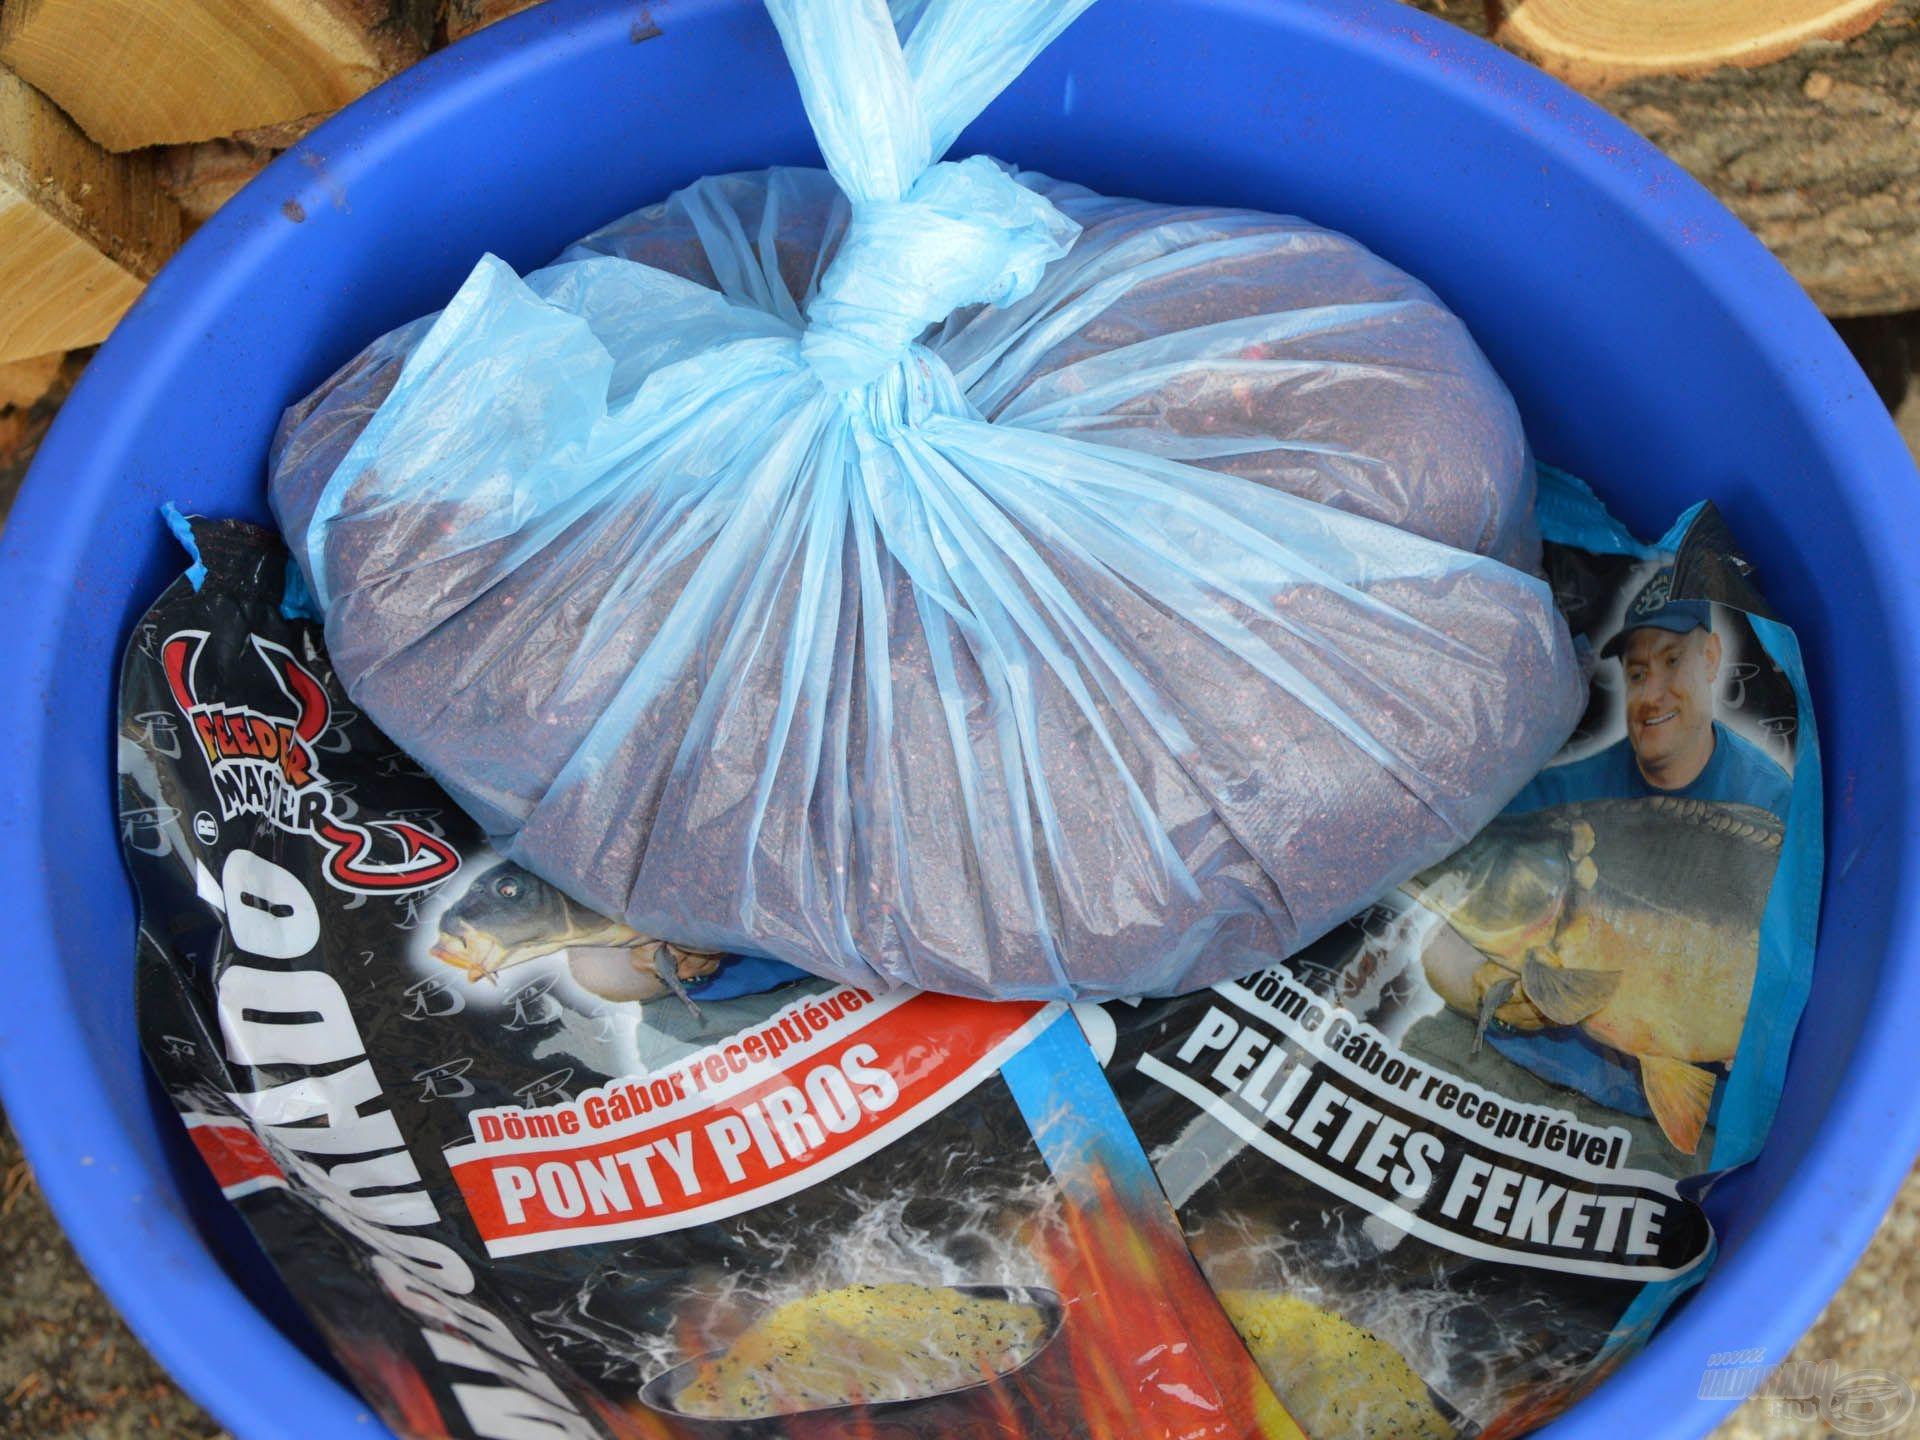 Érdemes az etetőanyagokat a horgászat előestéjén benedvesíteni, majd légmentesen lezárva, hűvös helyen másnapig pihentetni